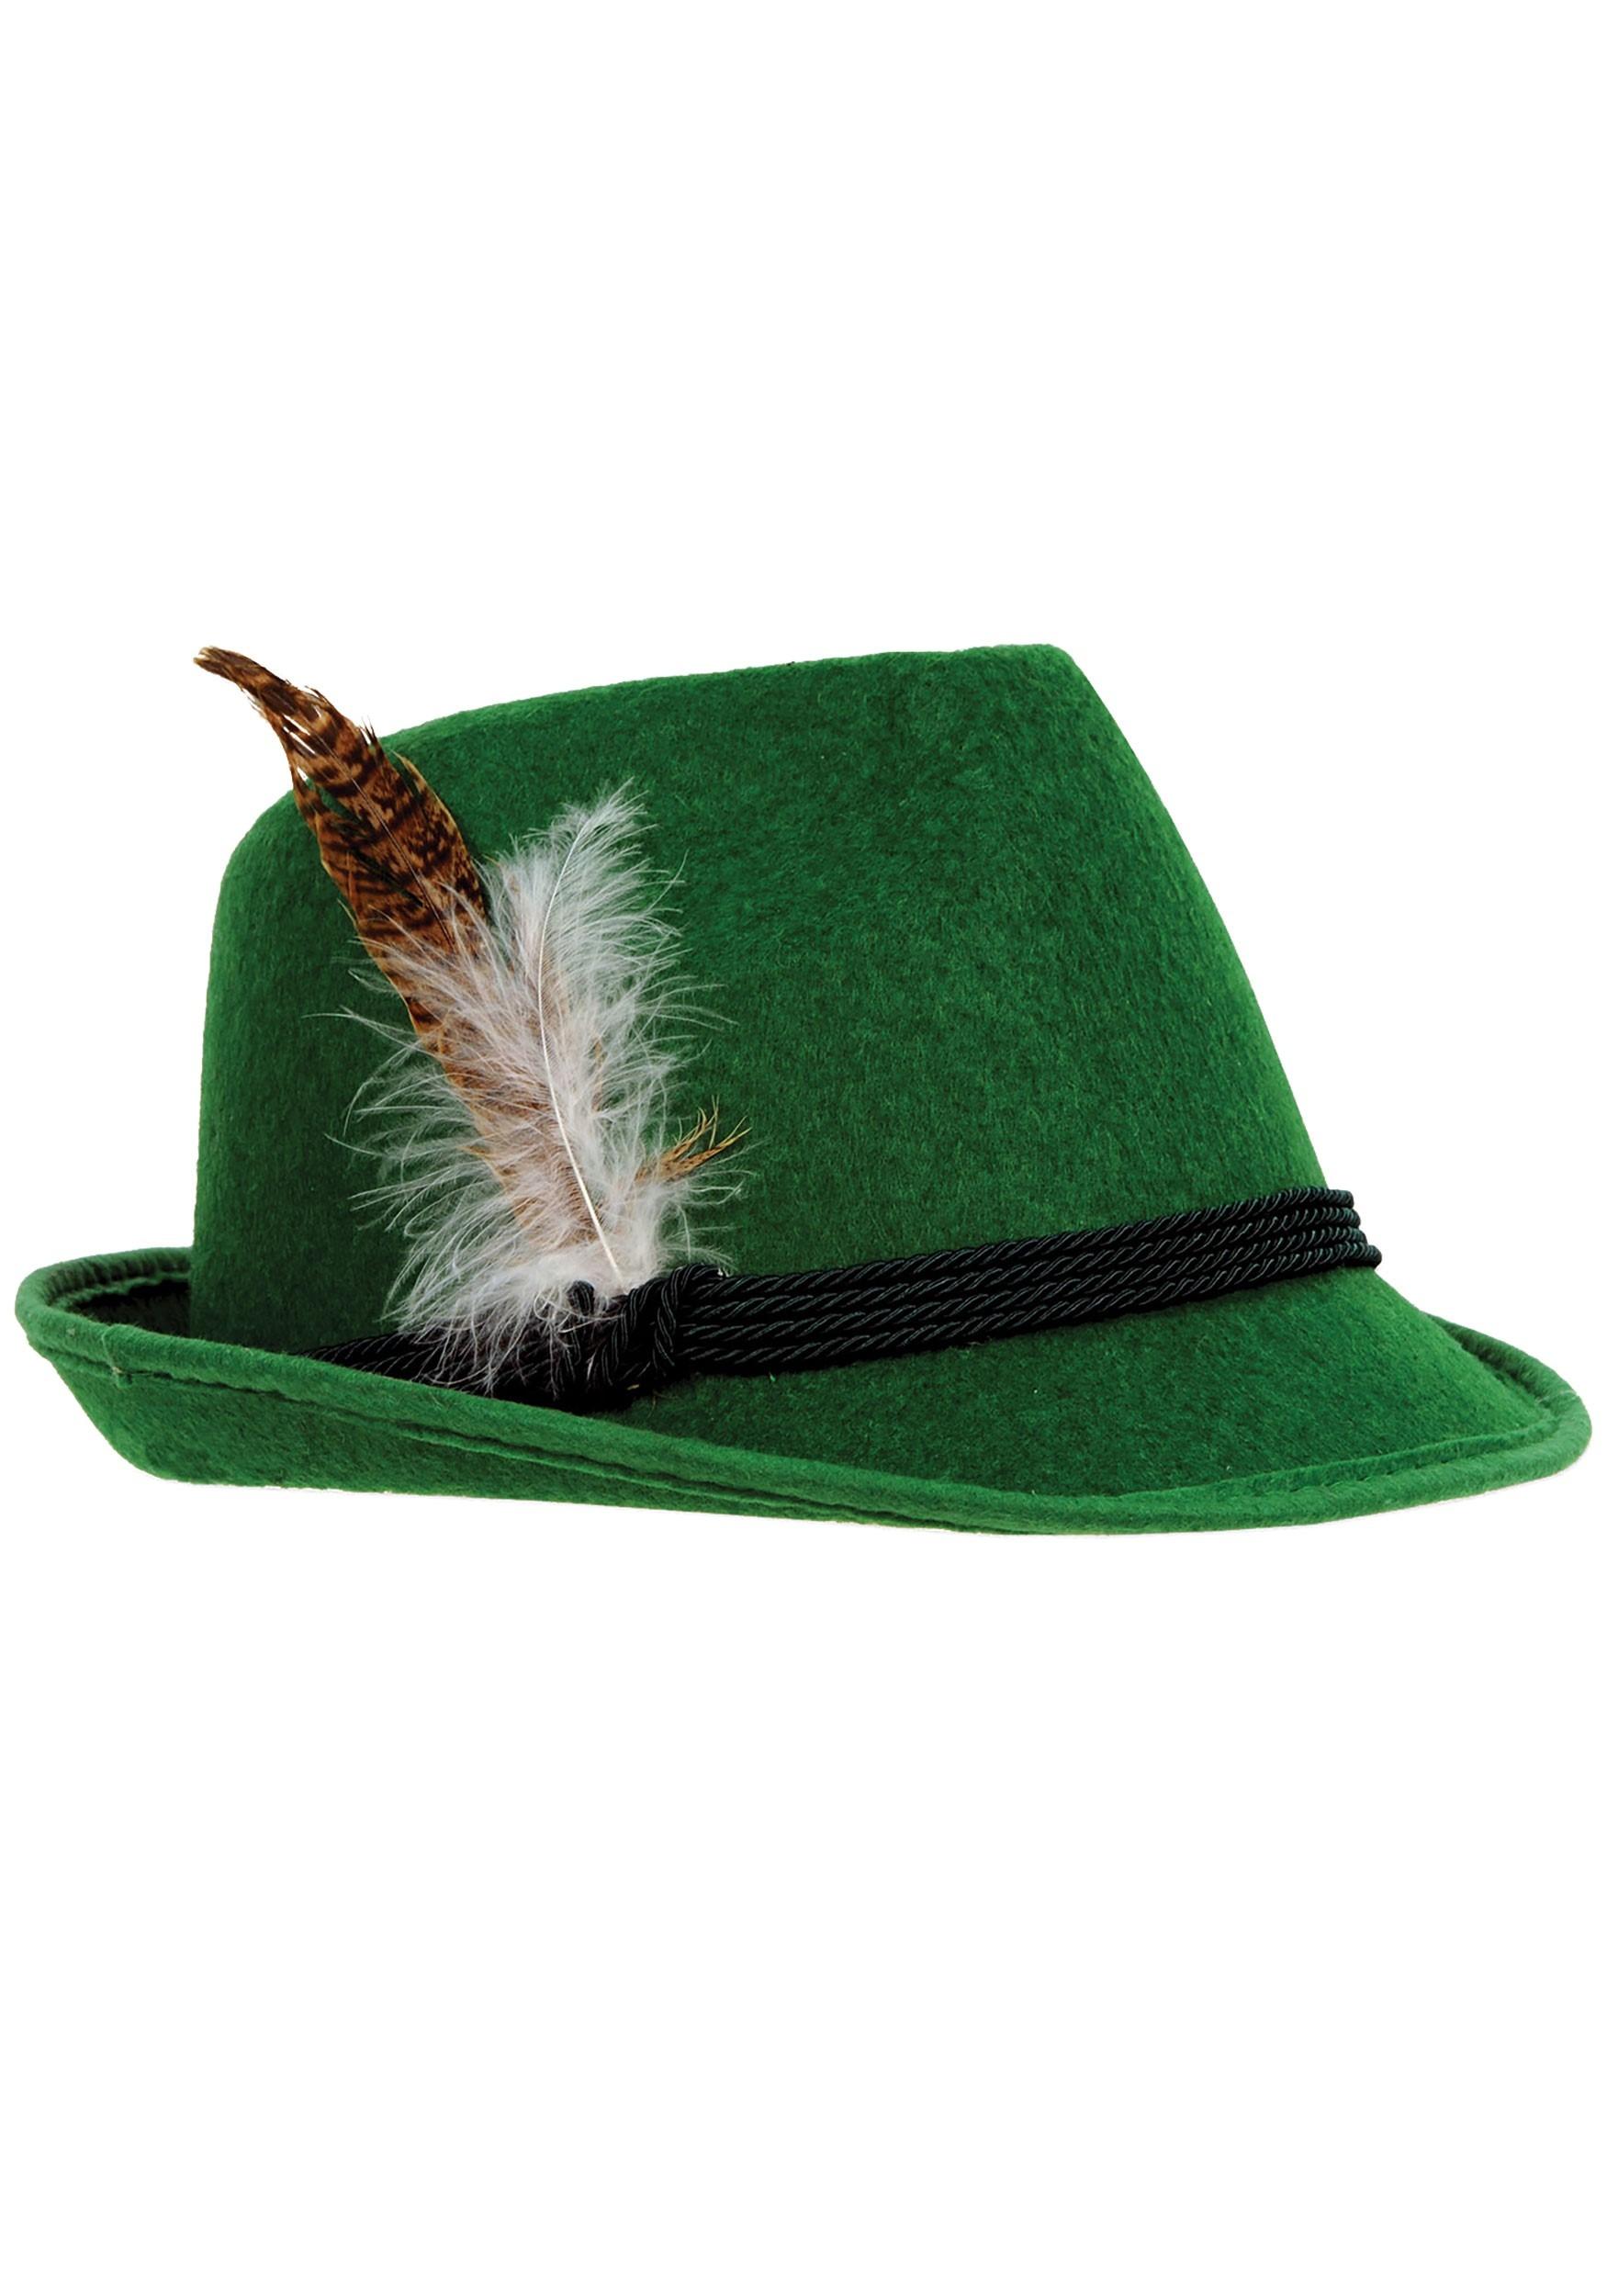 Men's_Deluxe_Green_German_Hat